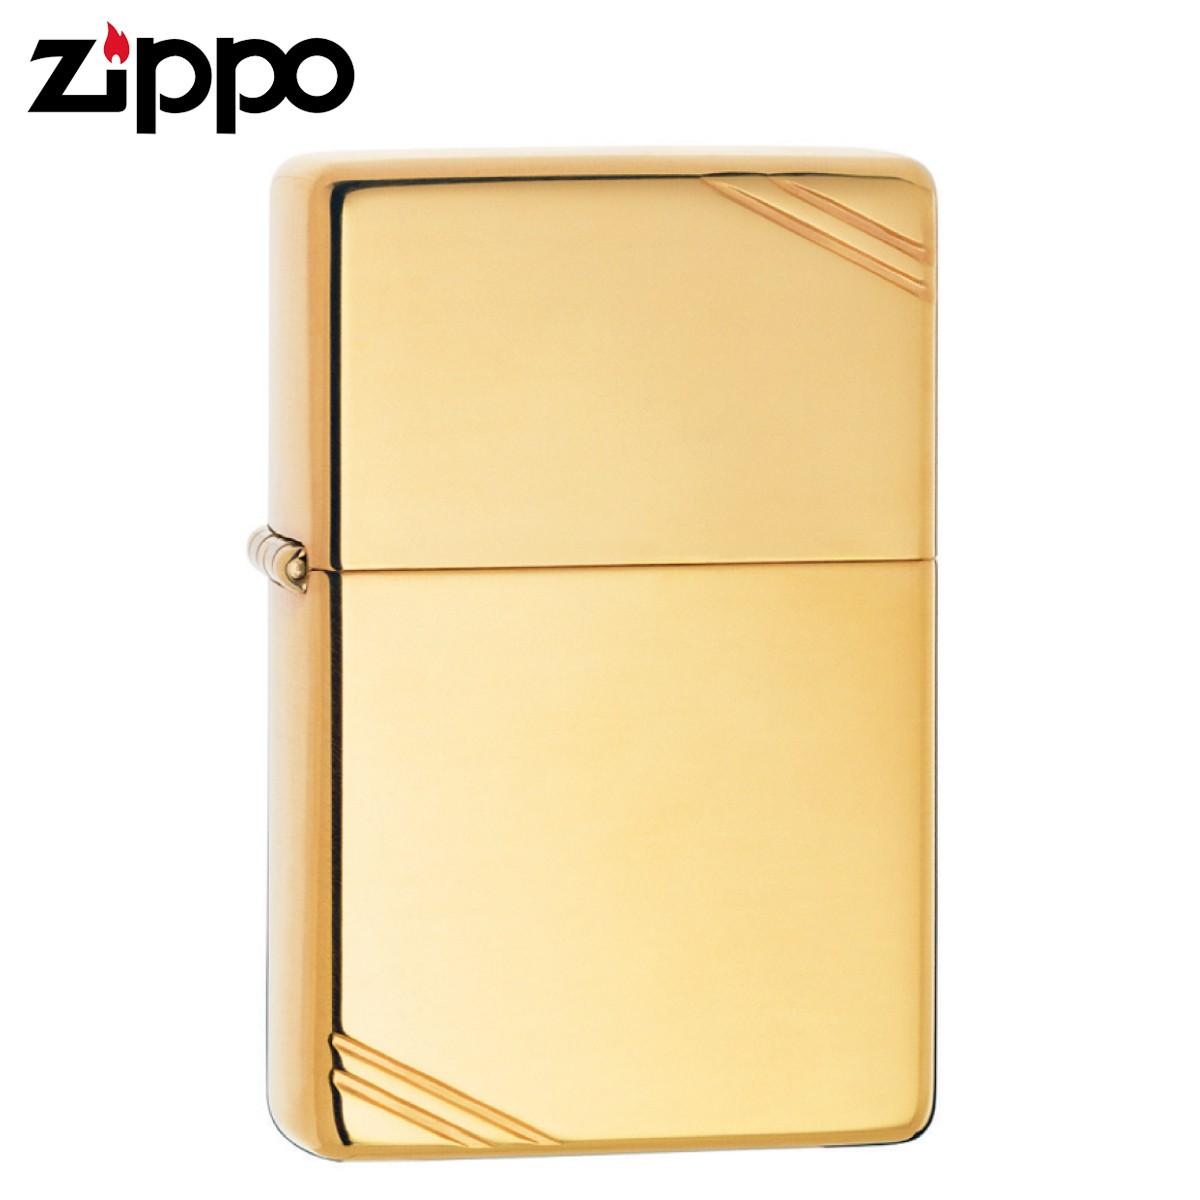 zippo ジッポーライター 270 クリスマス ギフト プレゼント 贈り物 オイルライター ジッポライター 彼氏 男性 メンズ 喫煙具